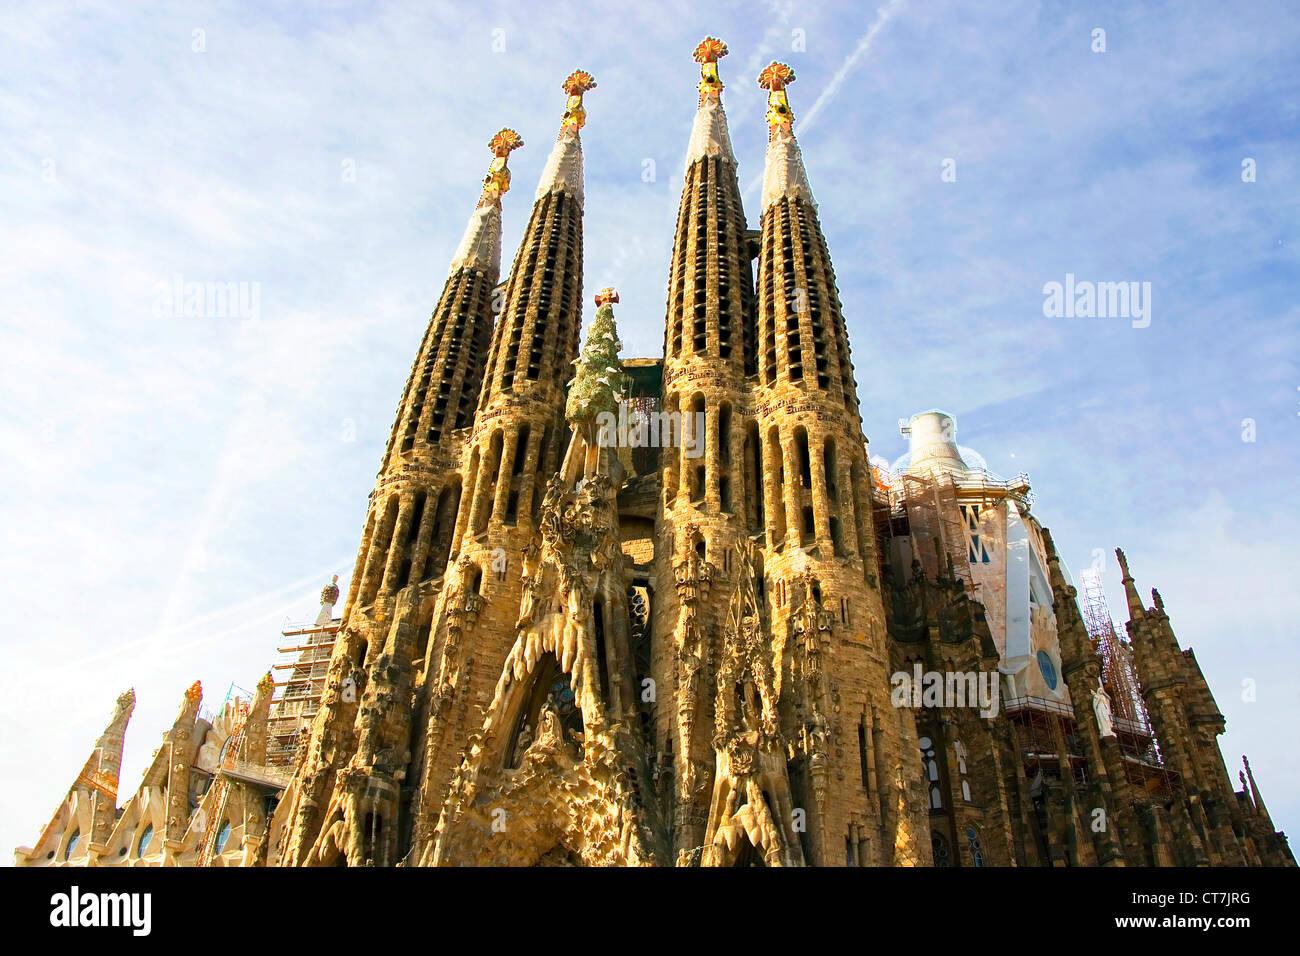 bf737d2412 Sagrada Familia by Antoni Gaudi in Barcelona Spain Stock Photo ...